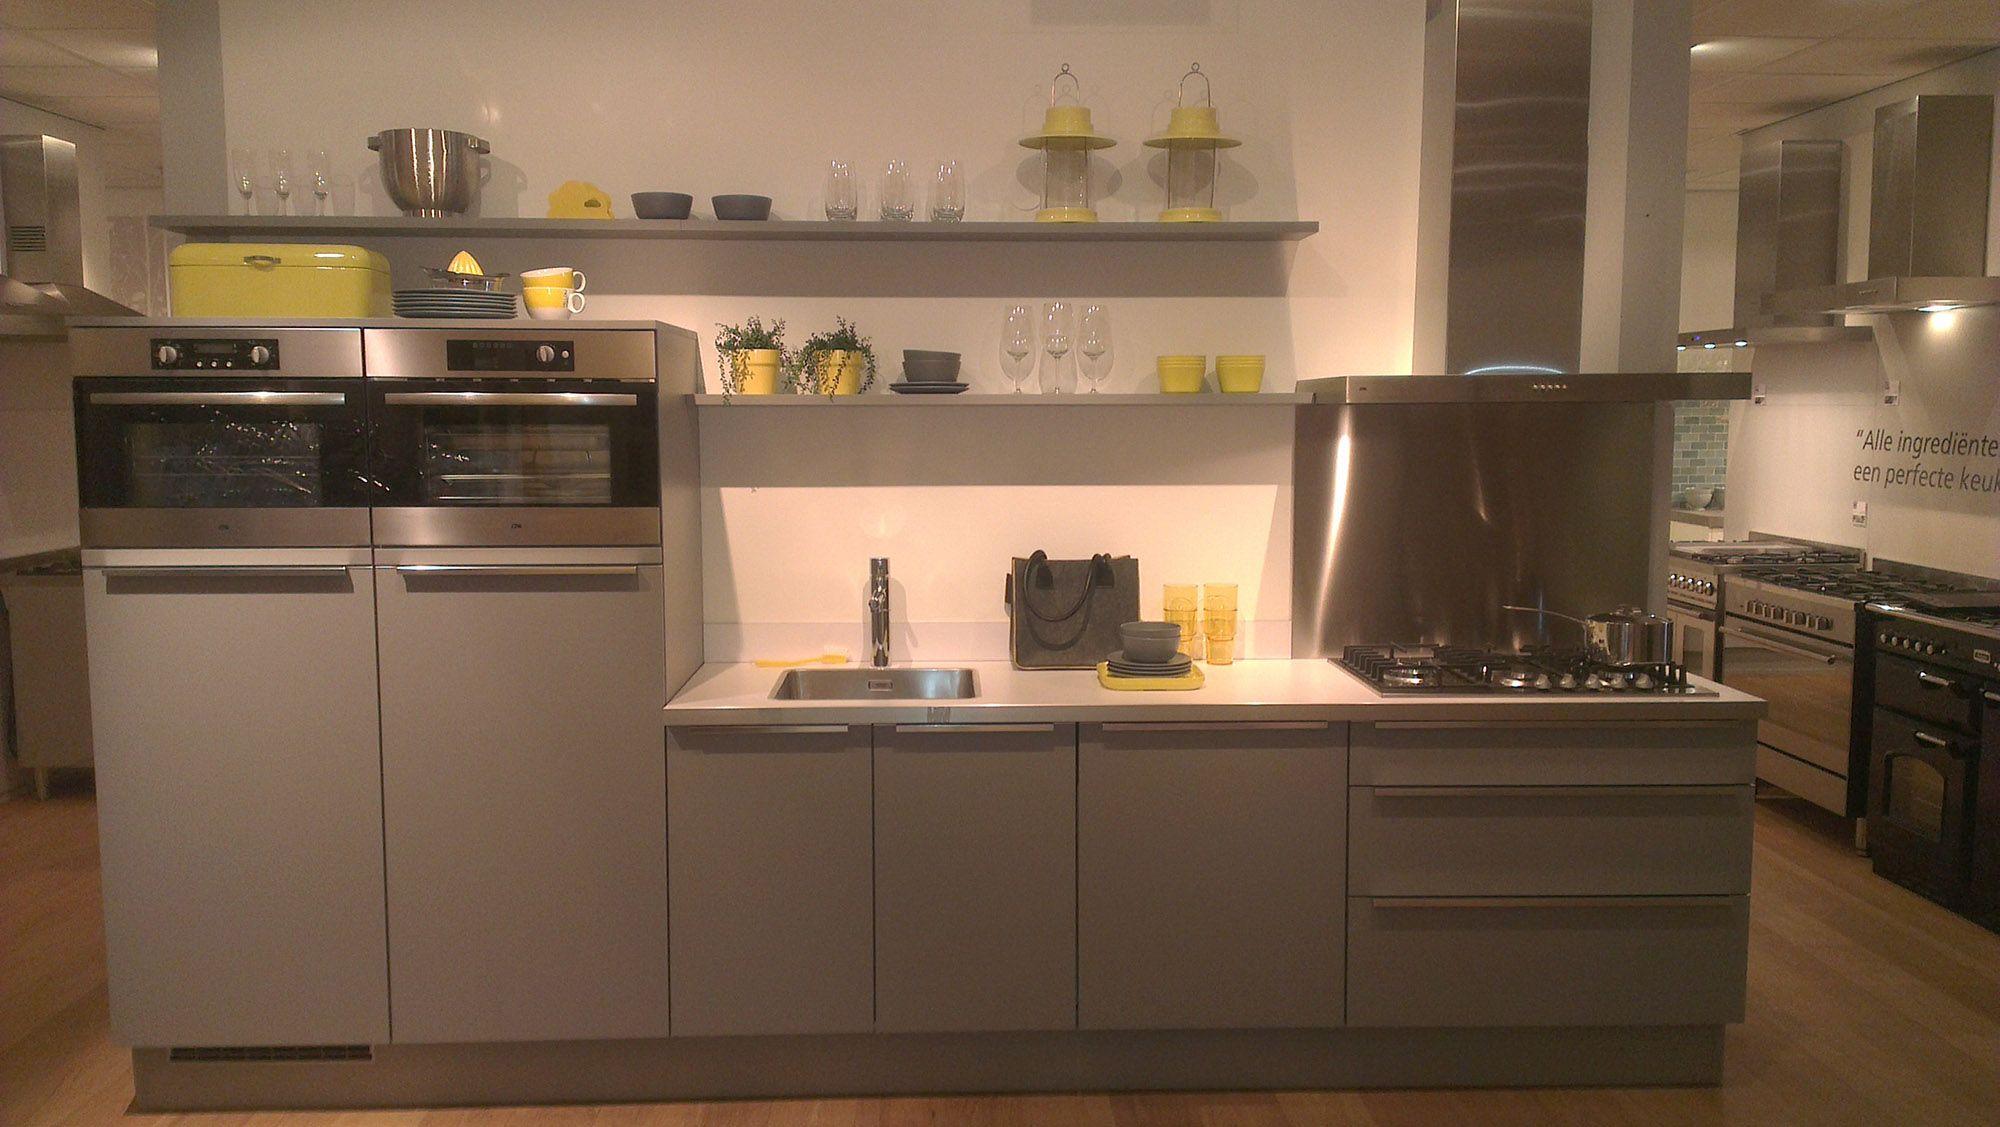 Bruynzeel keuken lade onderdelen u informatie over de keuken